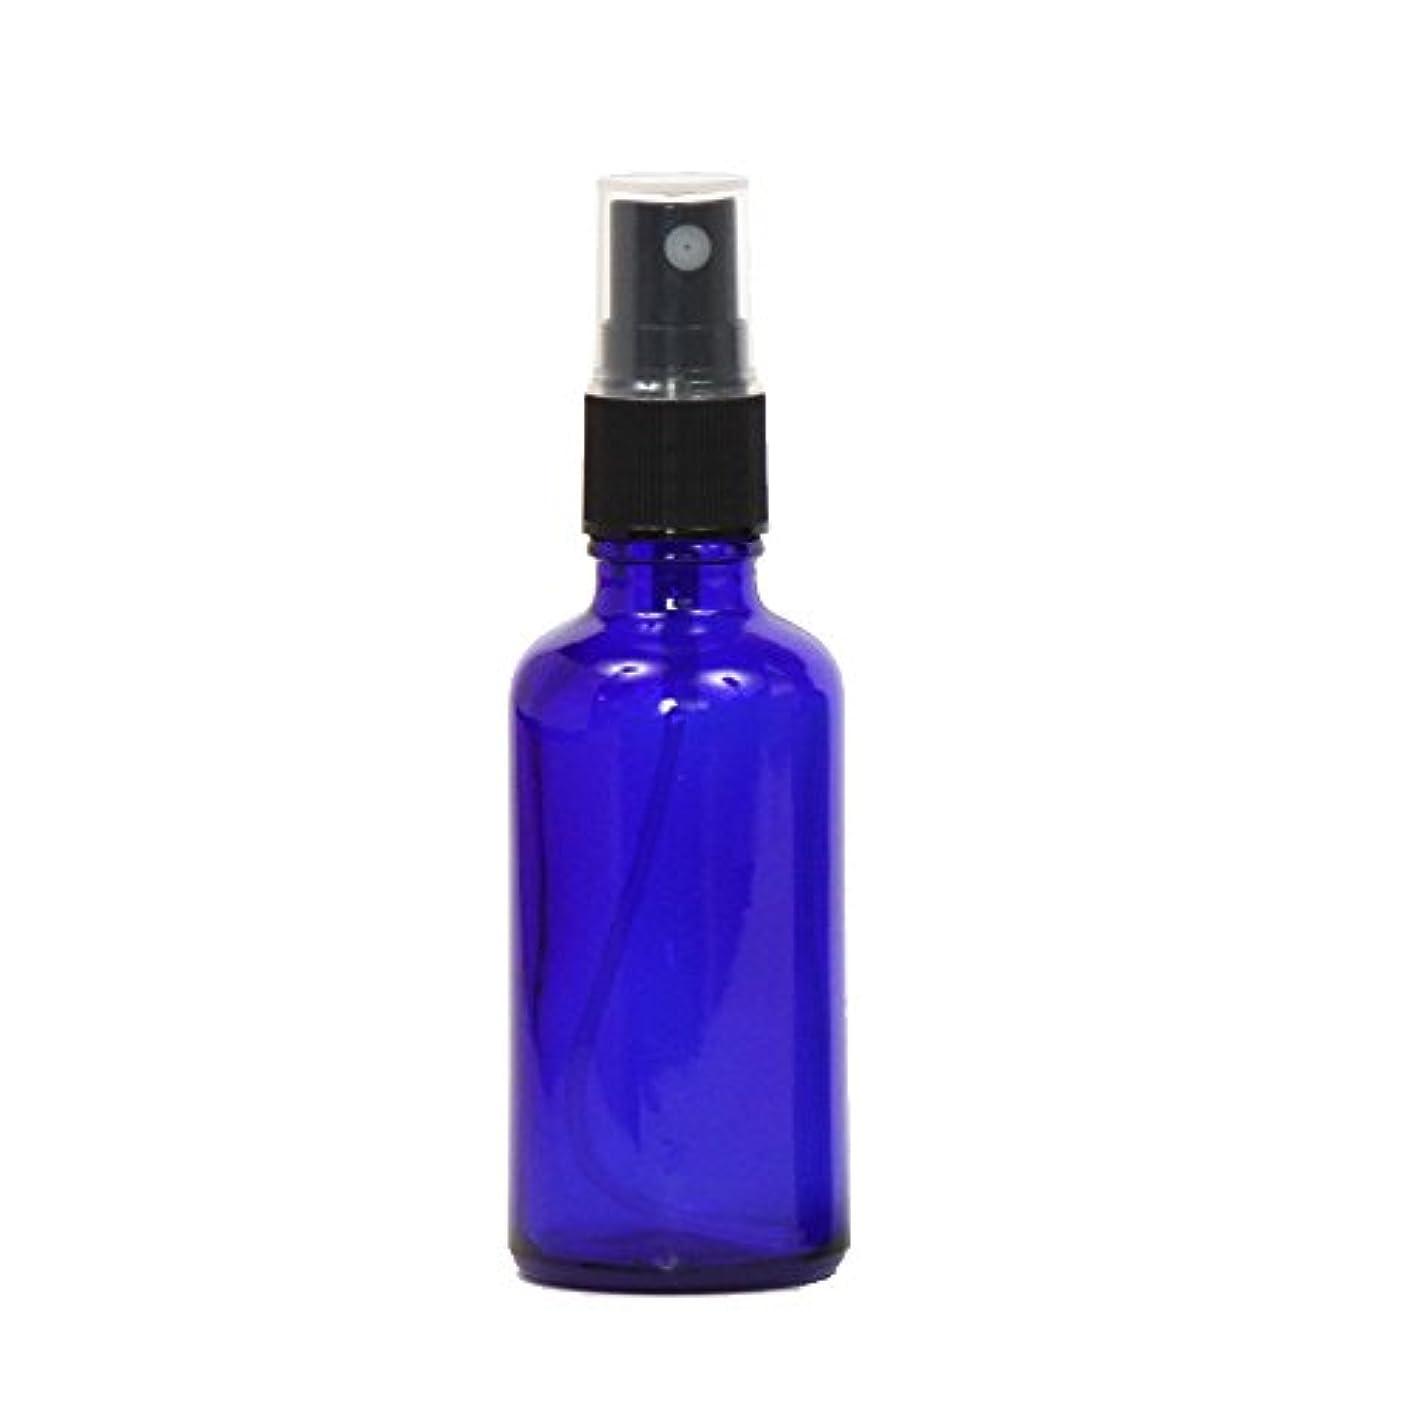 蛇行ハント信仰スプレー容器 ガラス瓶ボトル 50mL 遮光性ブルー おしゃれガラスアトマイザー 空容器bu50g